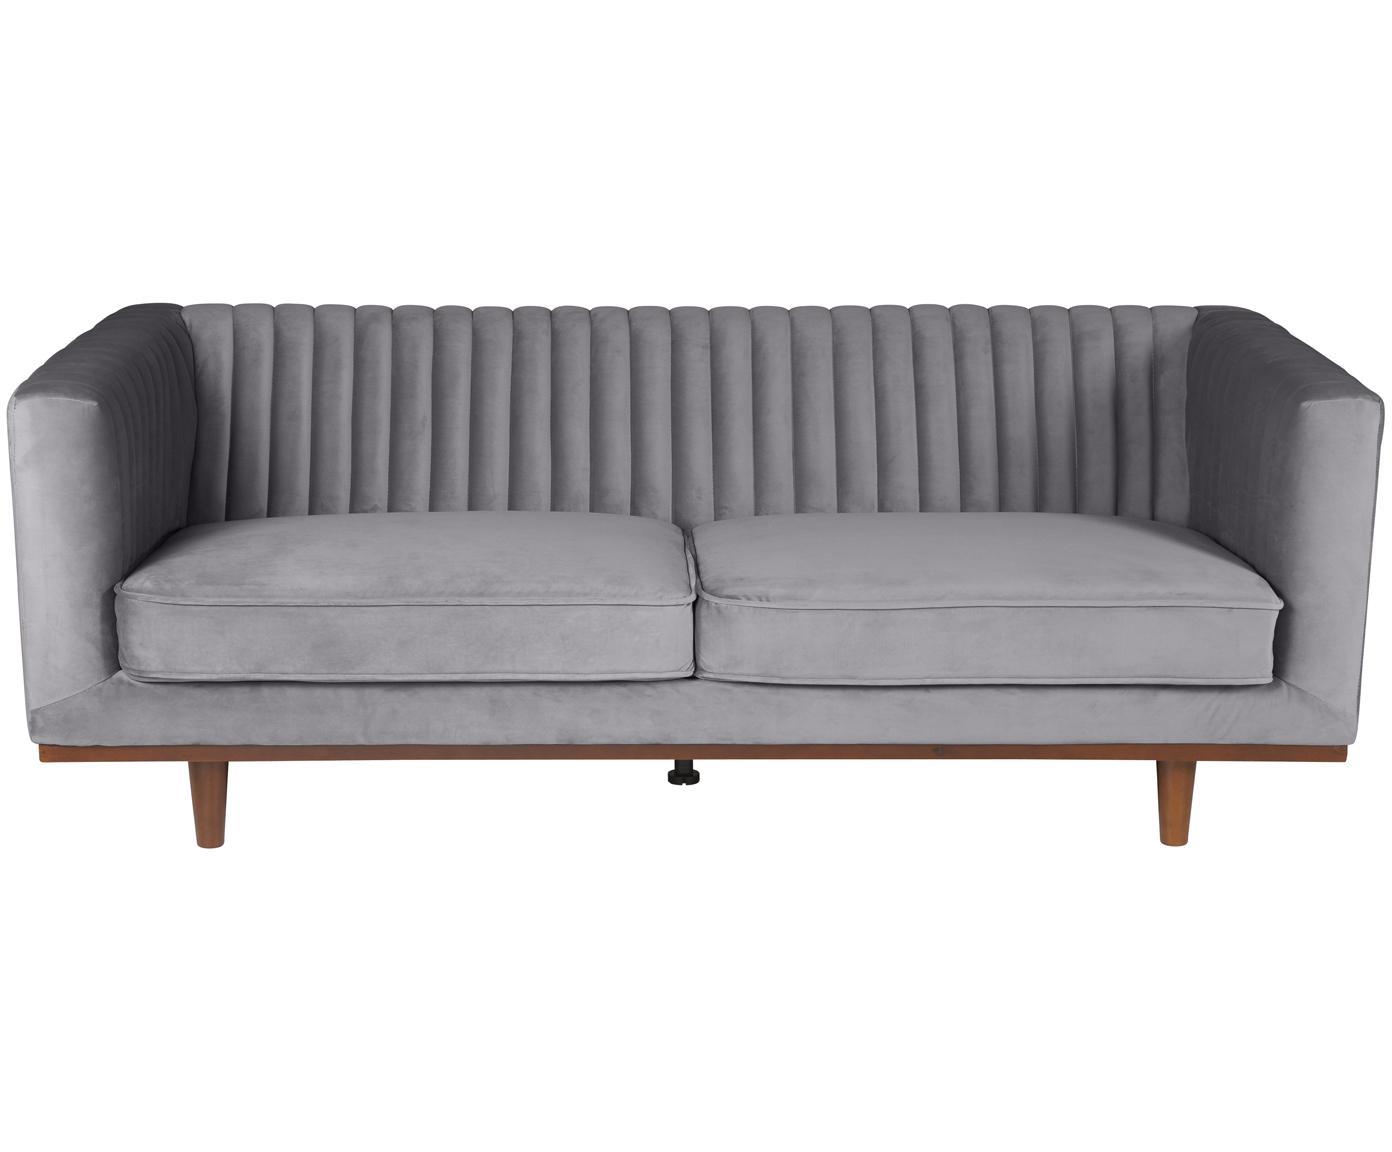 Sofa z aksamitu Dante (3-osobowa), Tapicerka: poliester Tkanina o odpor, Nogi: drewno kauczukowe, lakier, Aksamit ciemny szary, S 210 x G 87 cm